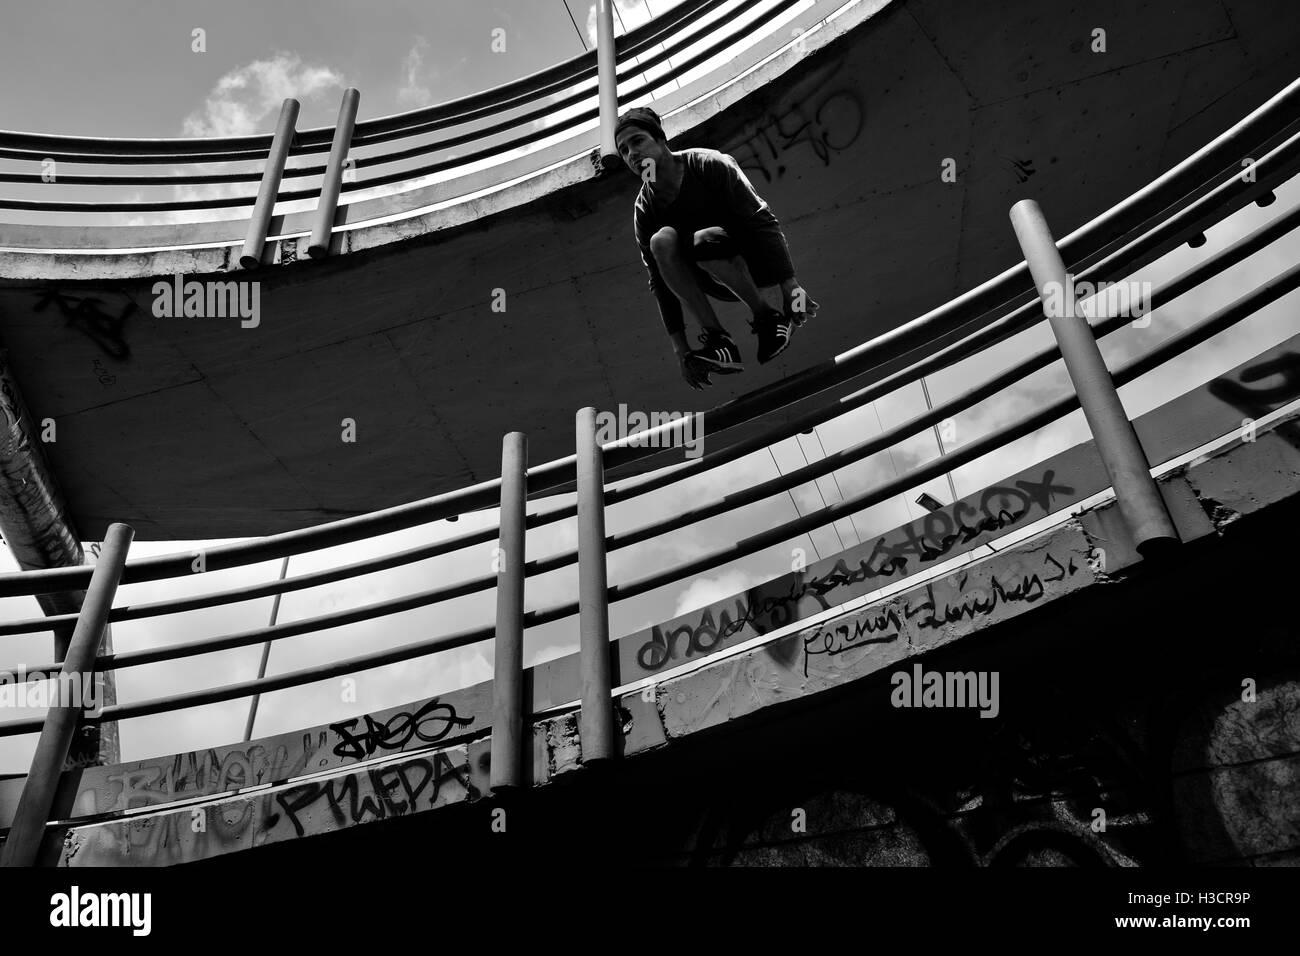 Steven Mantilla, un parkour runner dal team Tamashikaze, salta la passerella durante un corso di formazione nella Immagini Stock